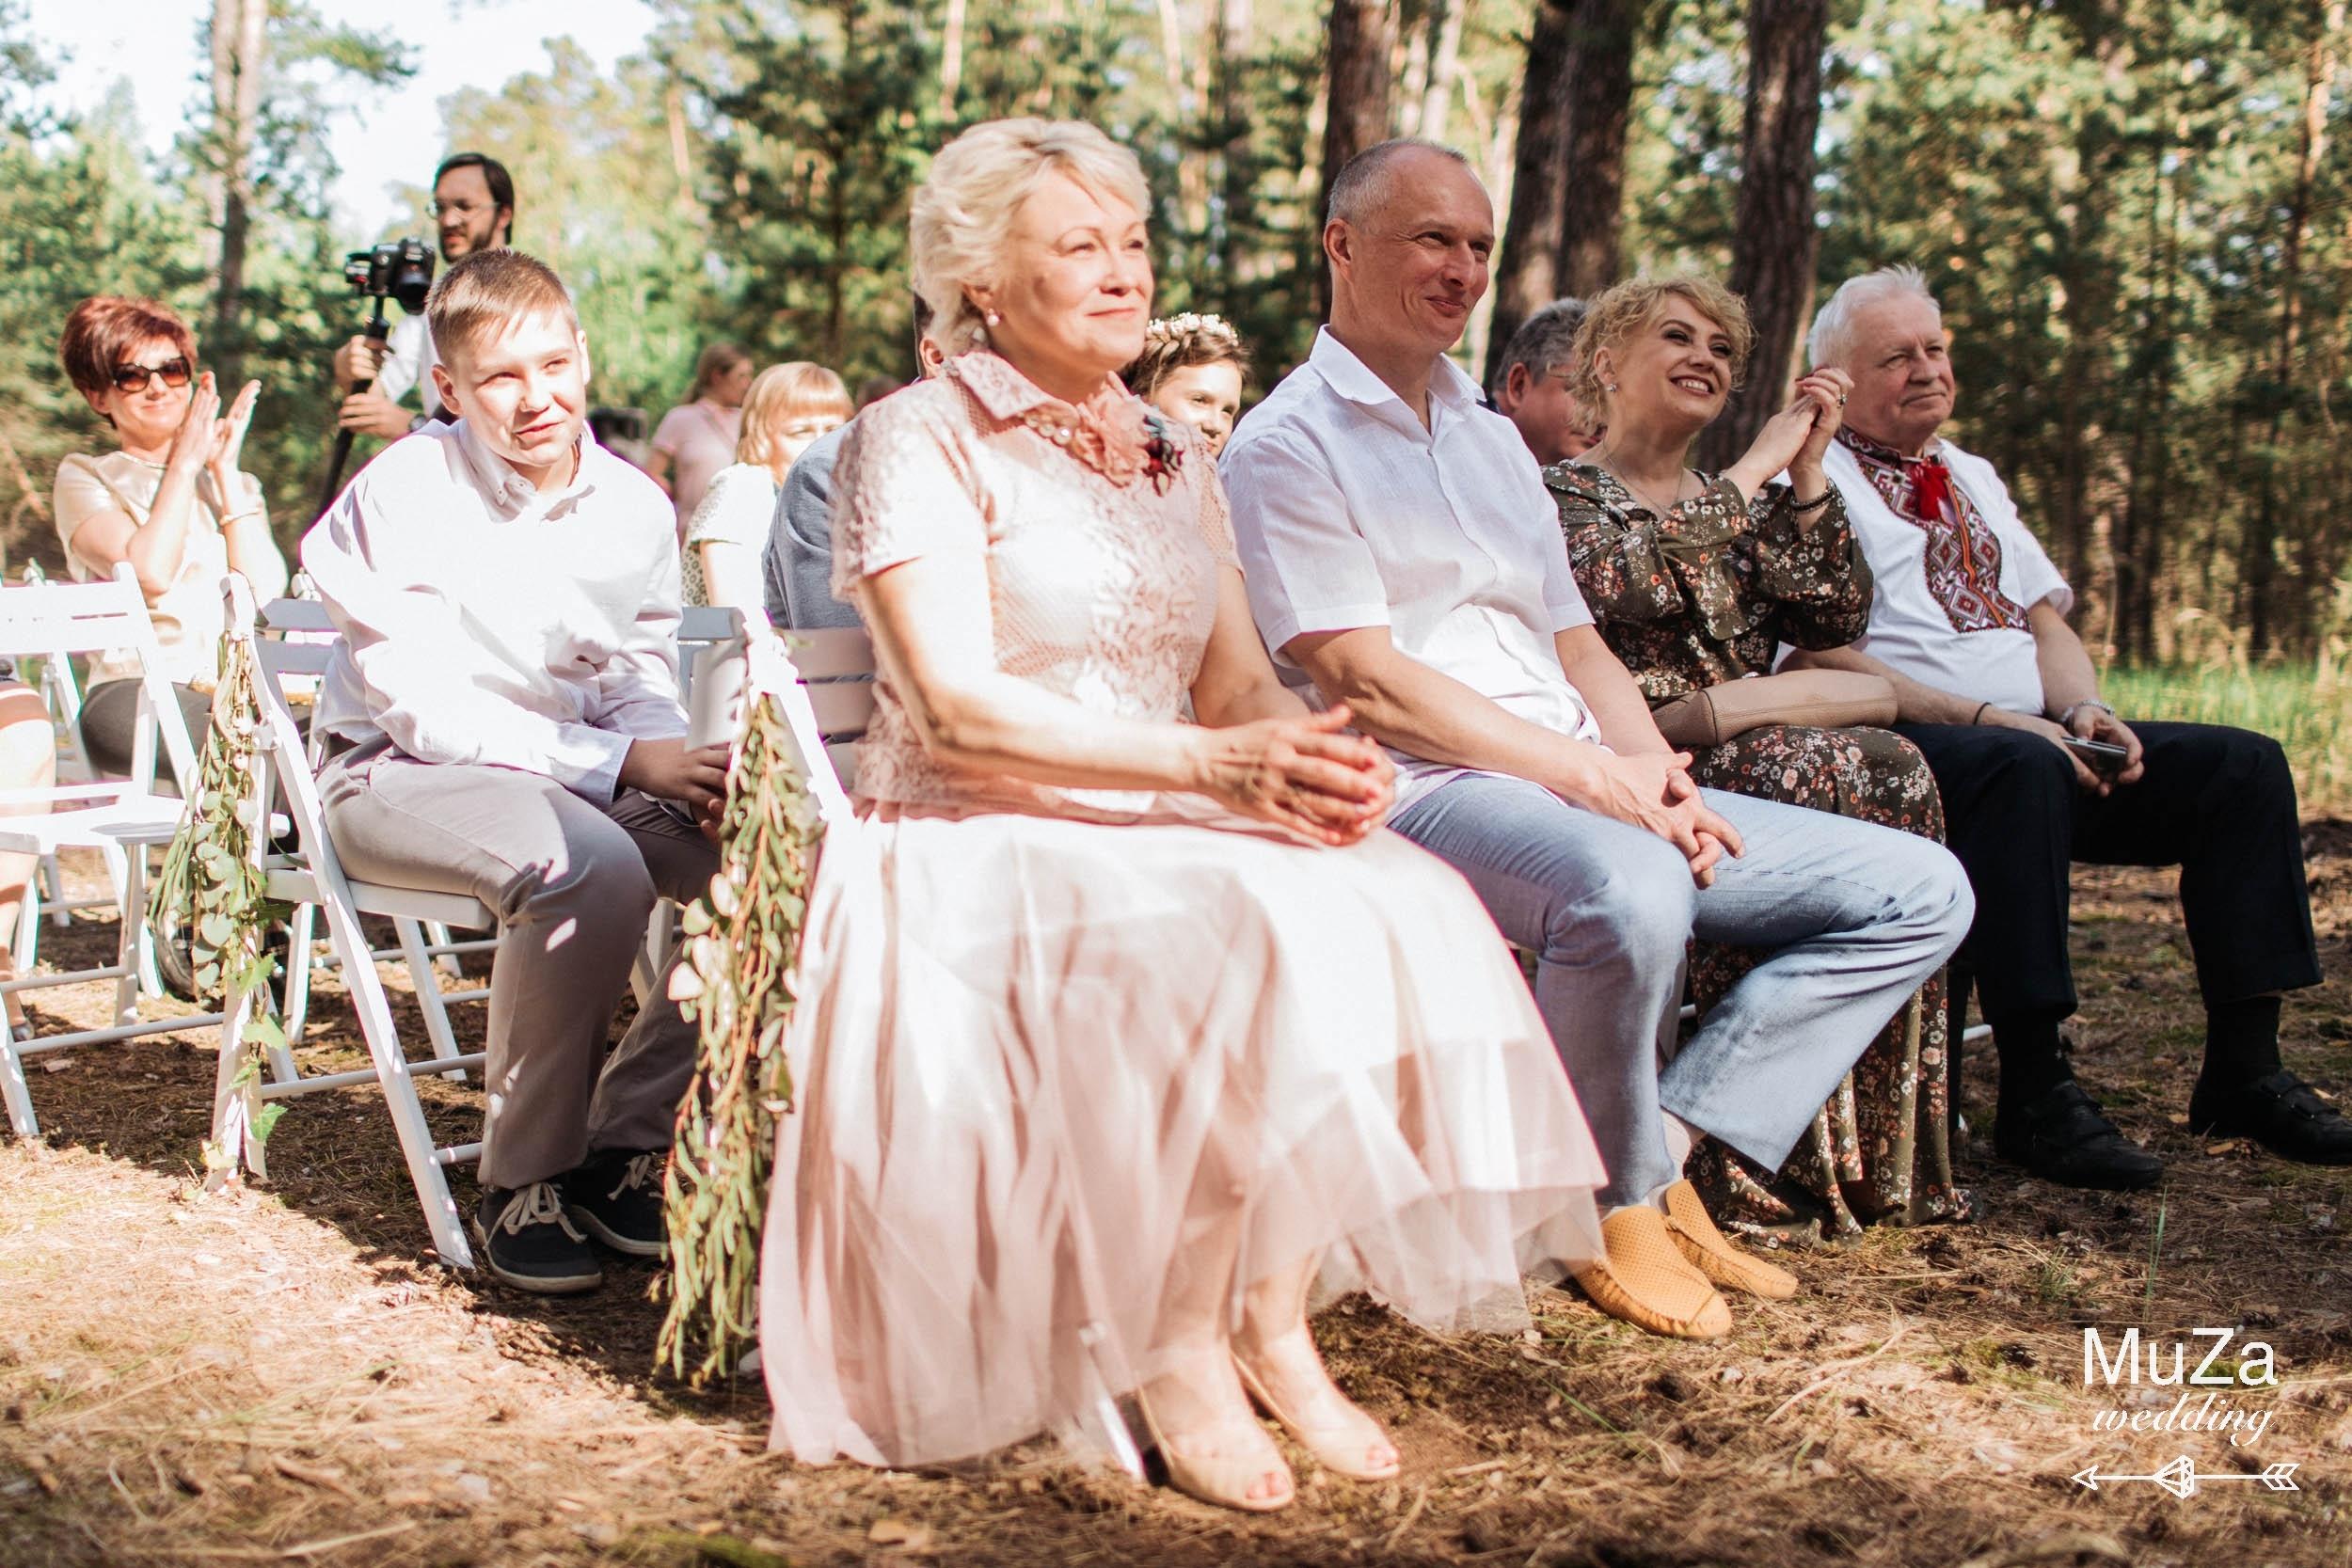 гости на свадебной церемонии в лесу